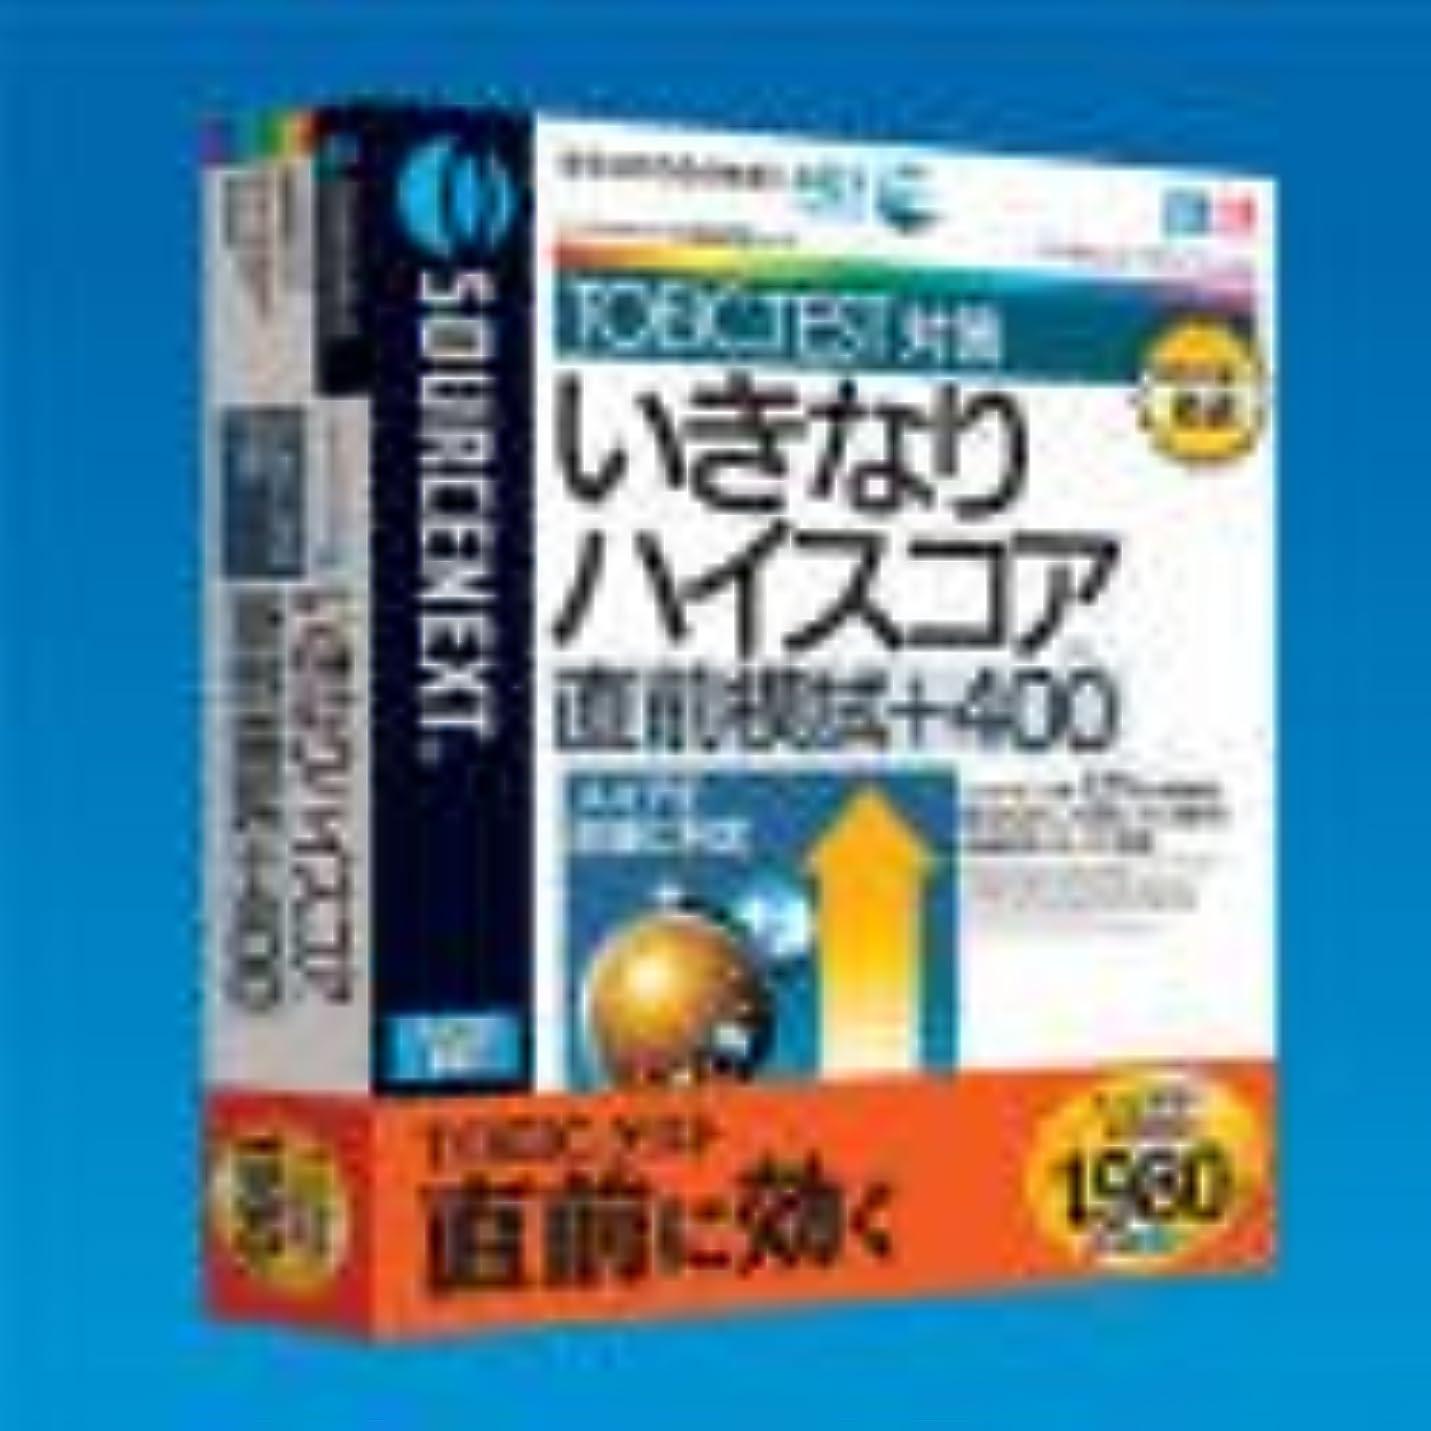 電球真夜中プランターTOEICTEST対策 いきなりハイスコア 直前模試+400(新価格版)